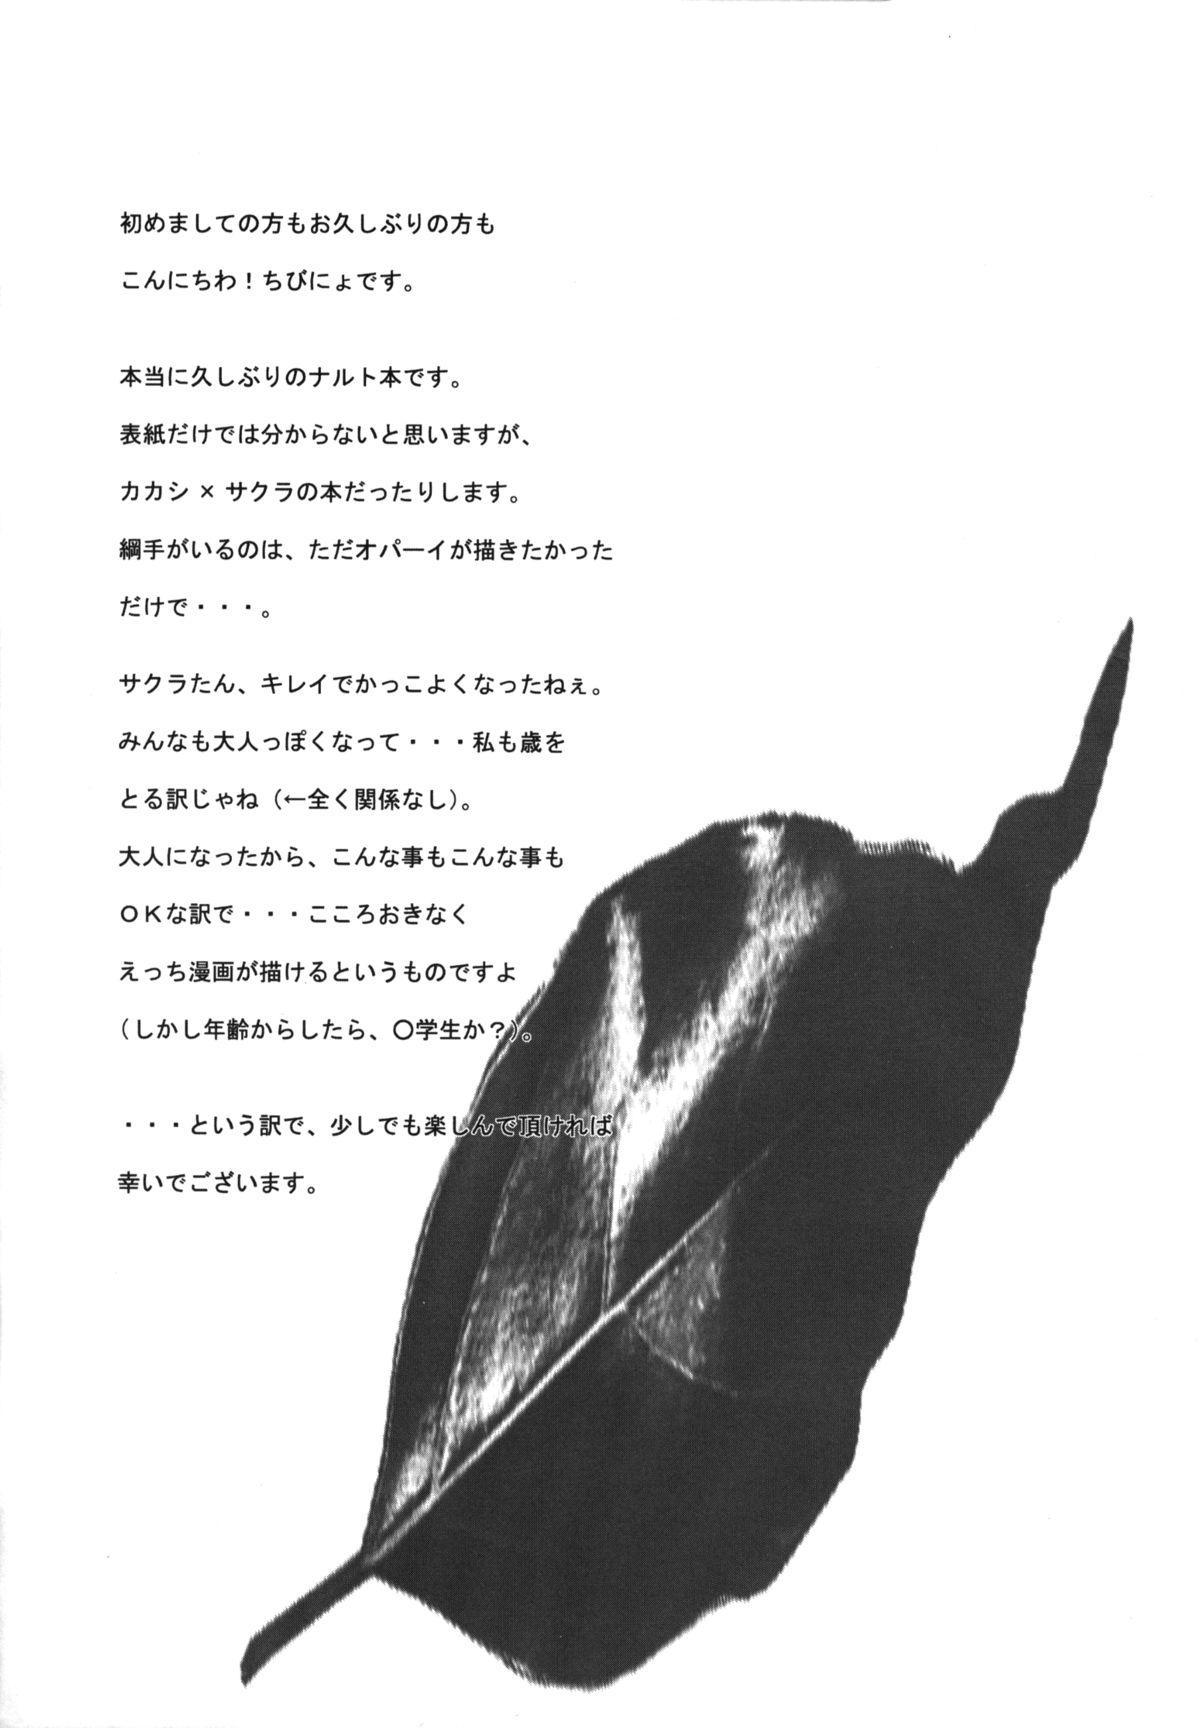 (C70) [Hamustar (Chibinyo)] Hamu-juu -San- (Naruto) [English] [Yoroshii] 2